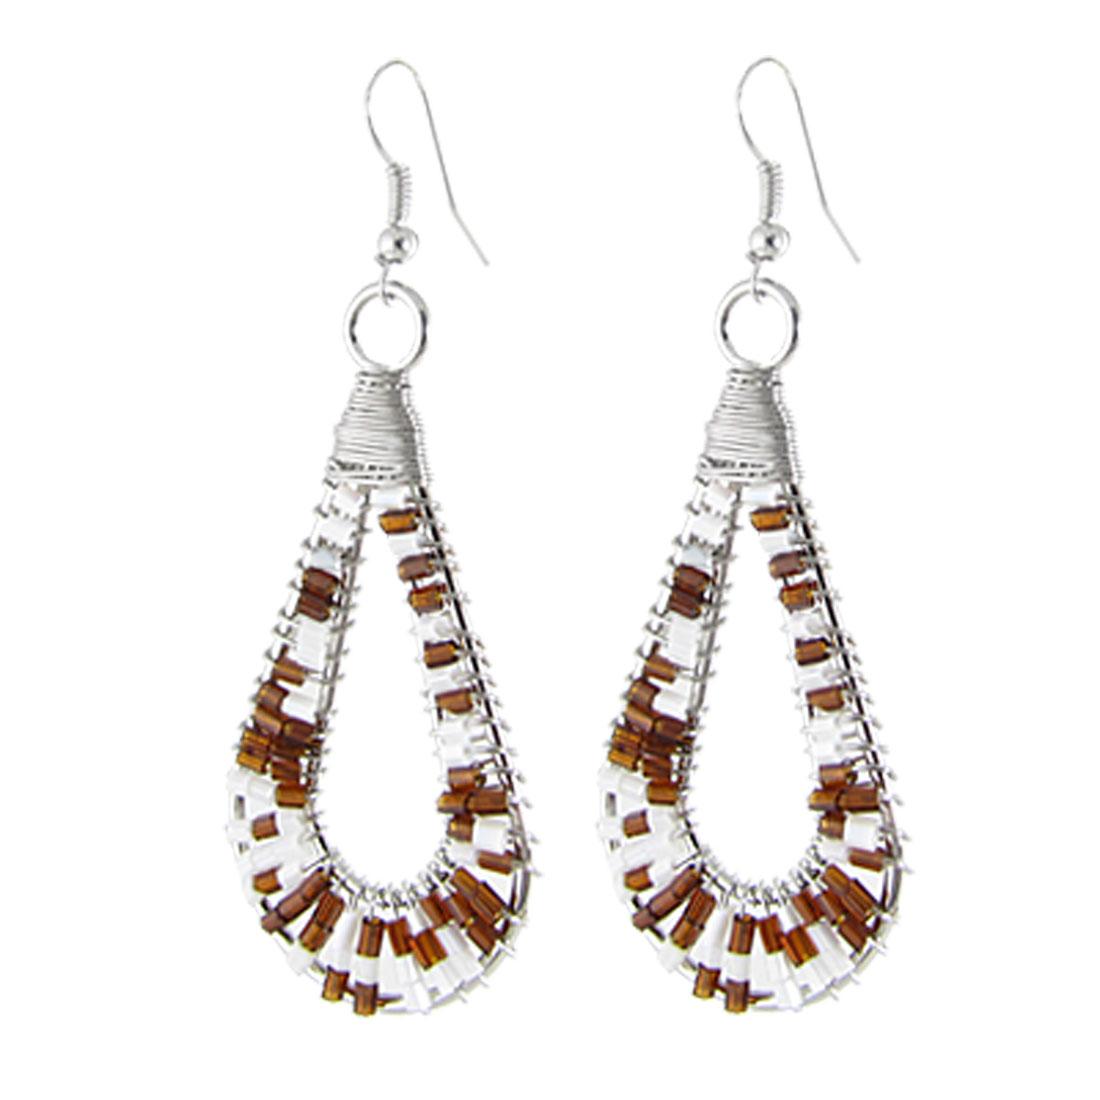 White Brown Beads Circle Teardrop Loop Chandelier Hook Earring for Lady